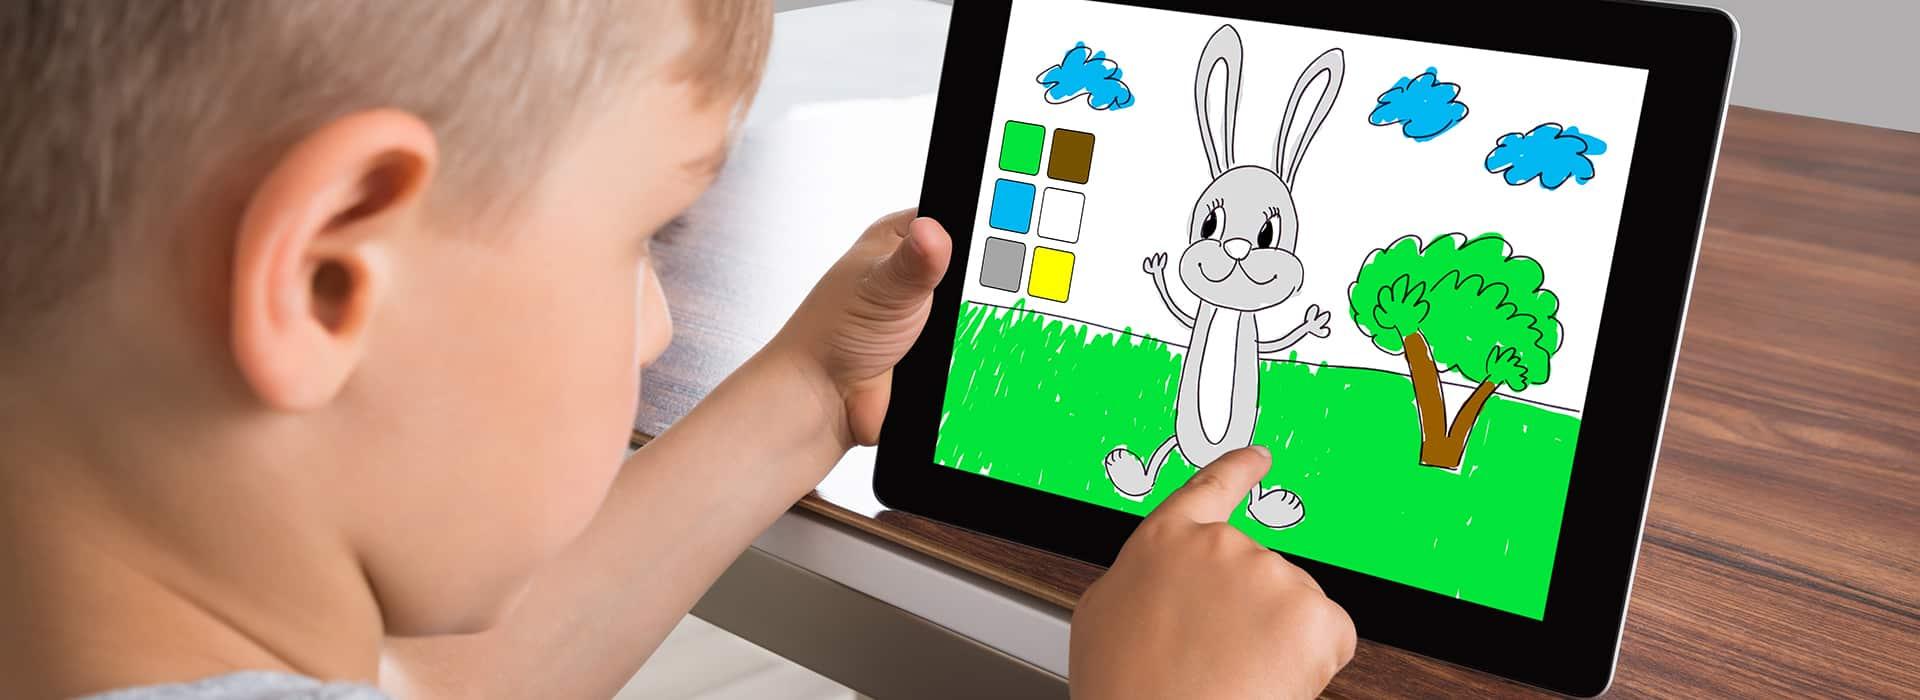 Tablette Enfant : Voici Les Meilleurs Modèles À Offrir En 2020 intérieur Jeux Educatif Gratuit 2 Ans